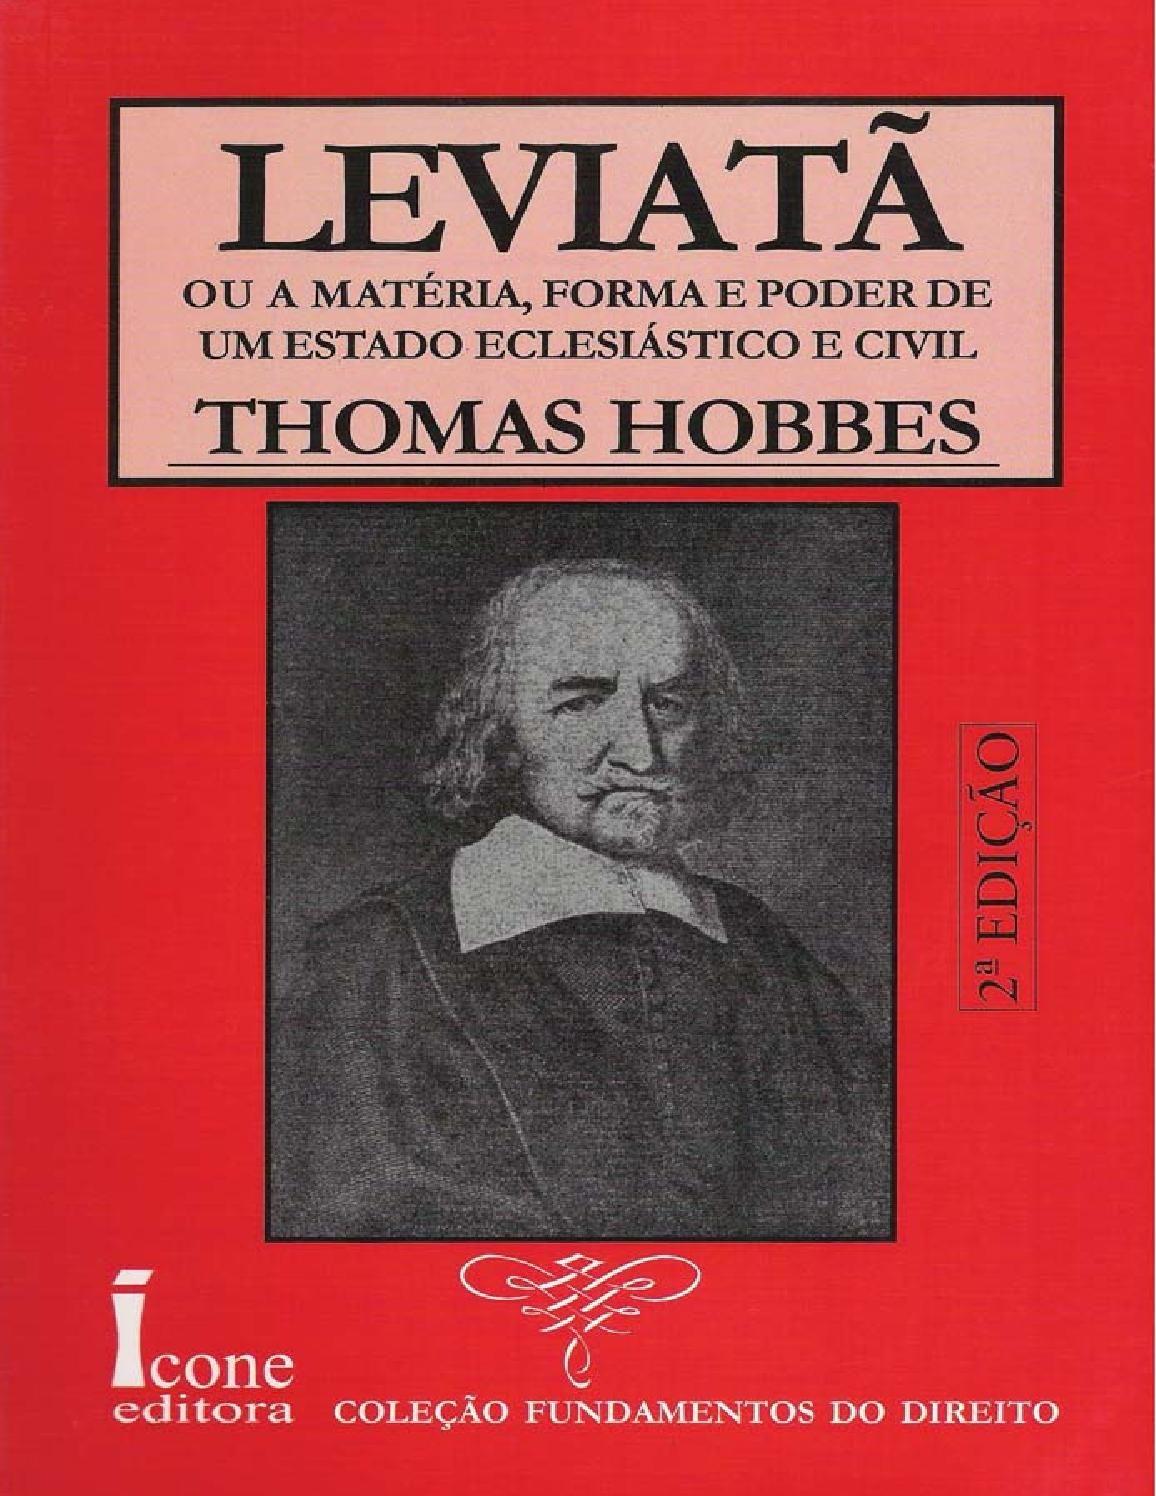 Leviata Thomas Hobbes Livros De Filosofia Livros De